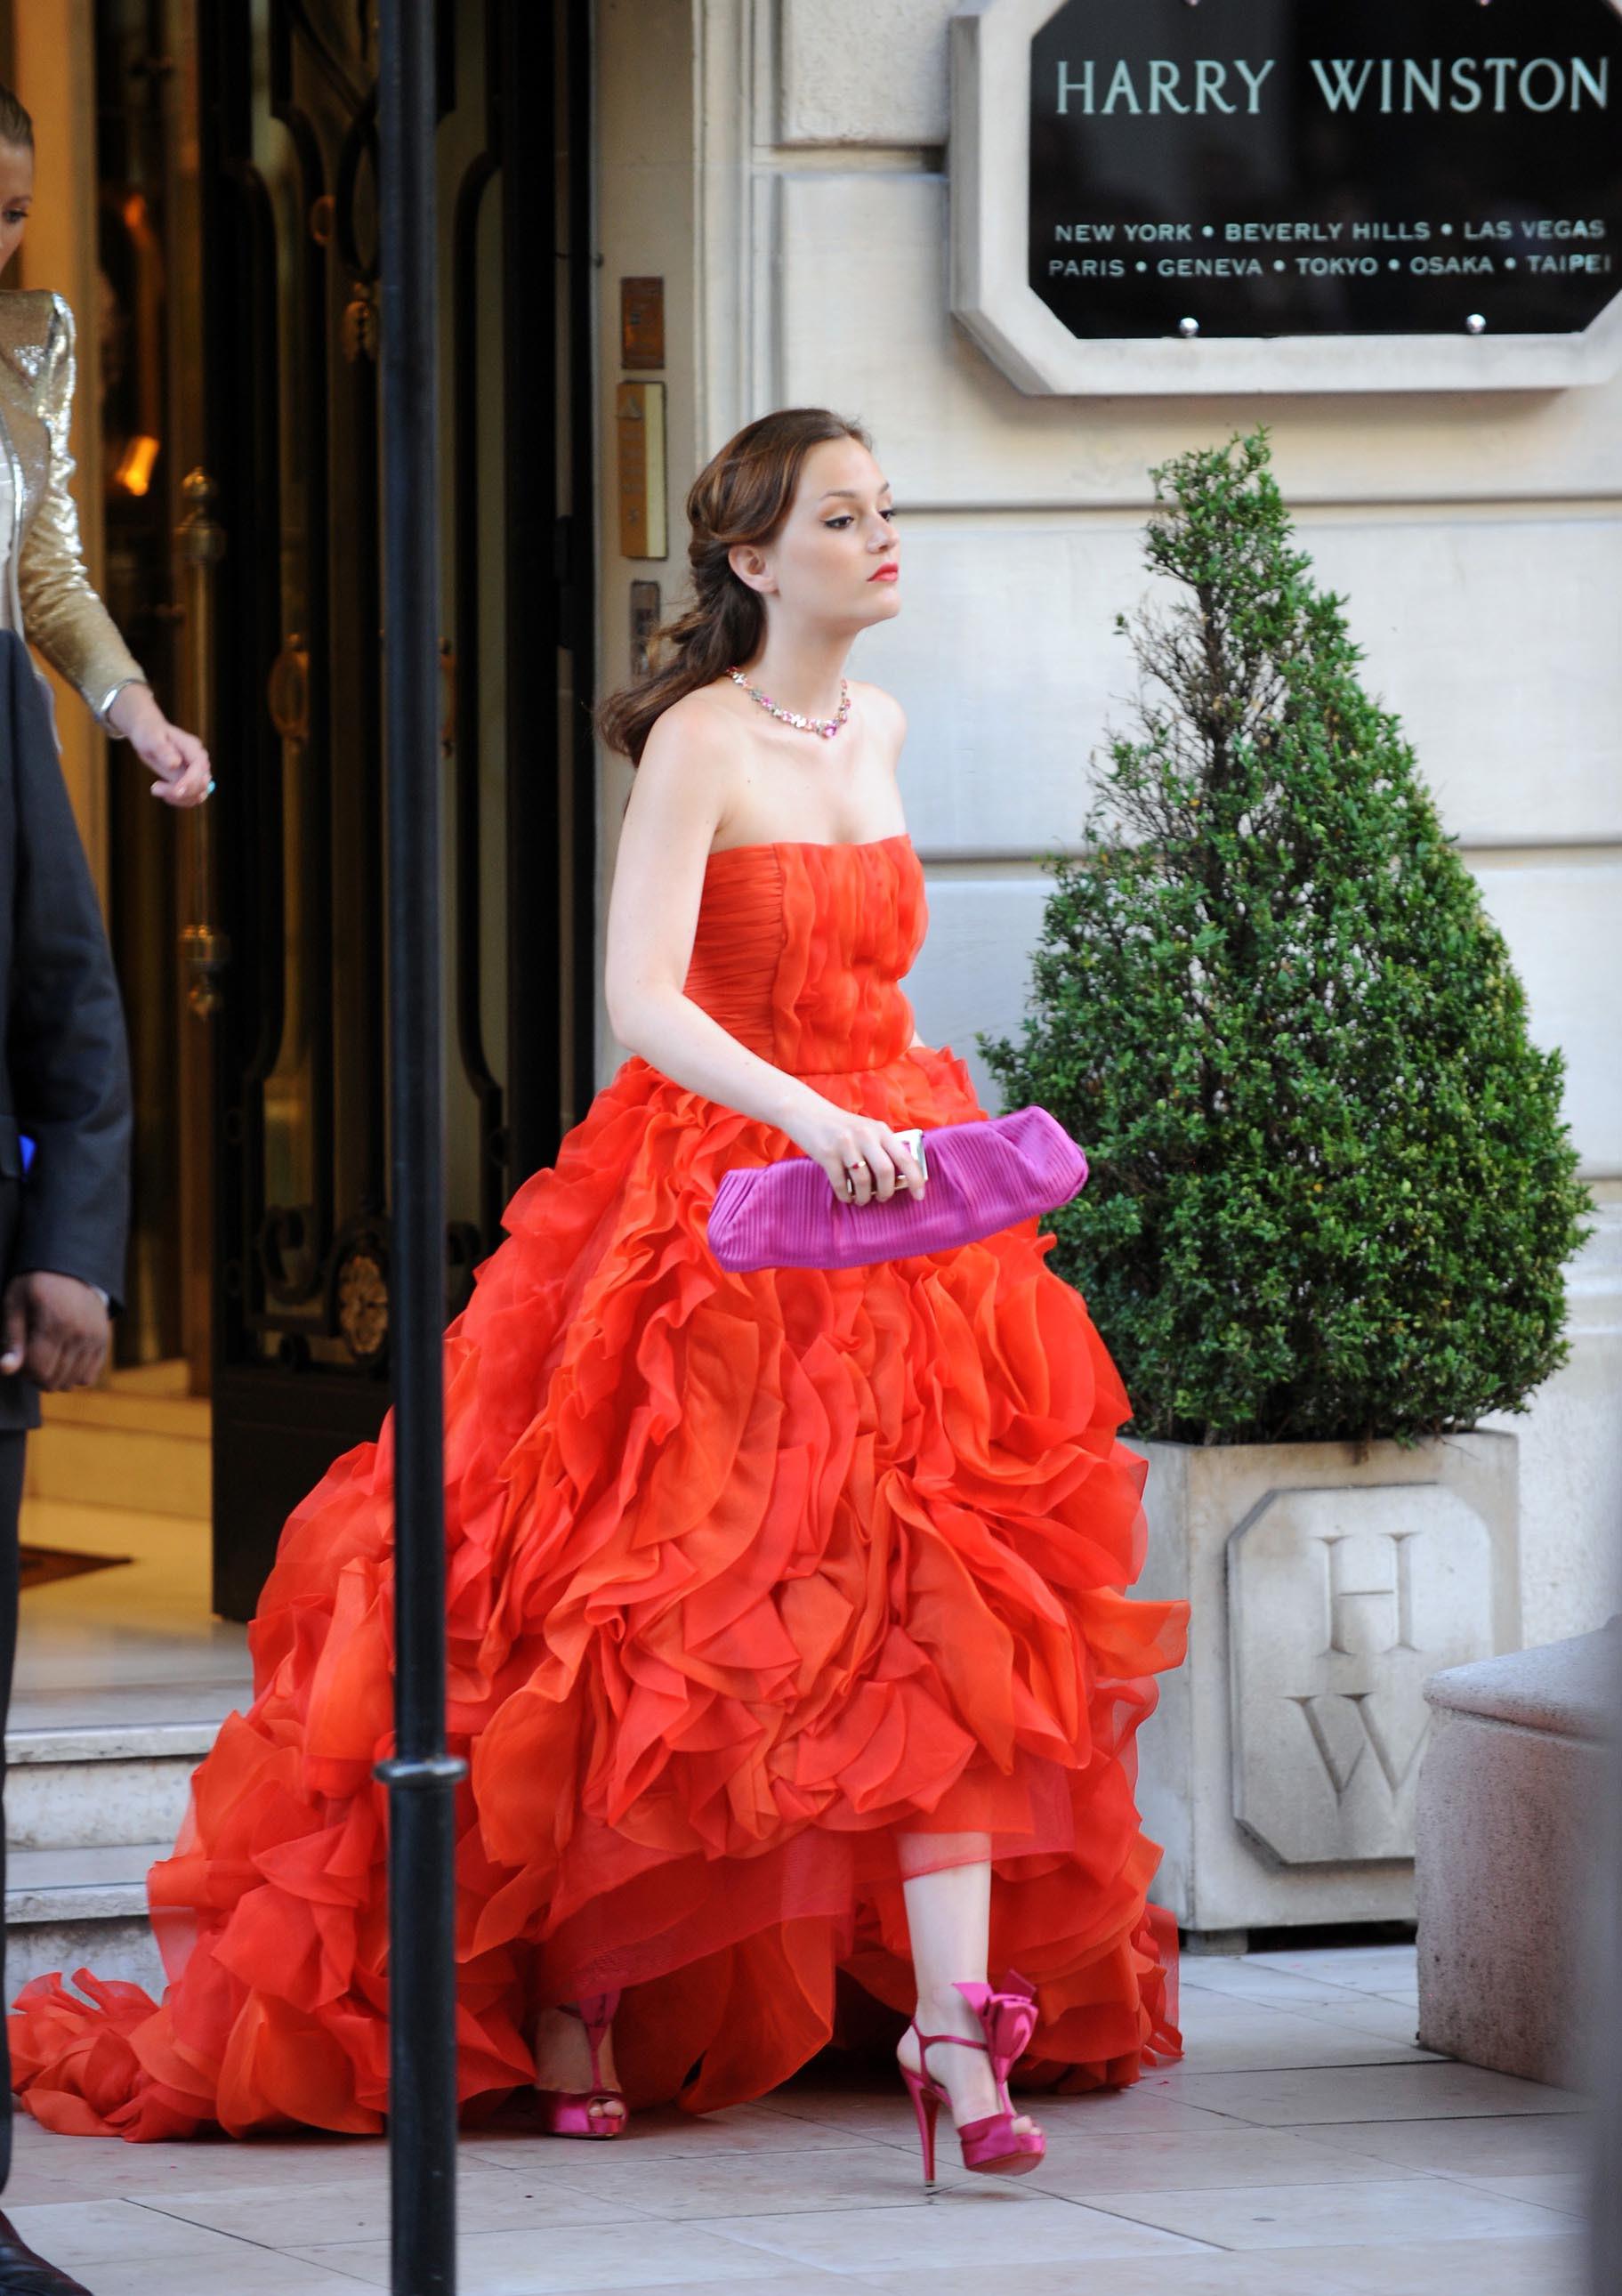 もちろん勝負服は赤のドレス!セクシーでキュートなセレブ達のサムネイル画像